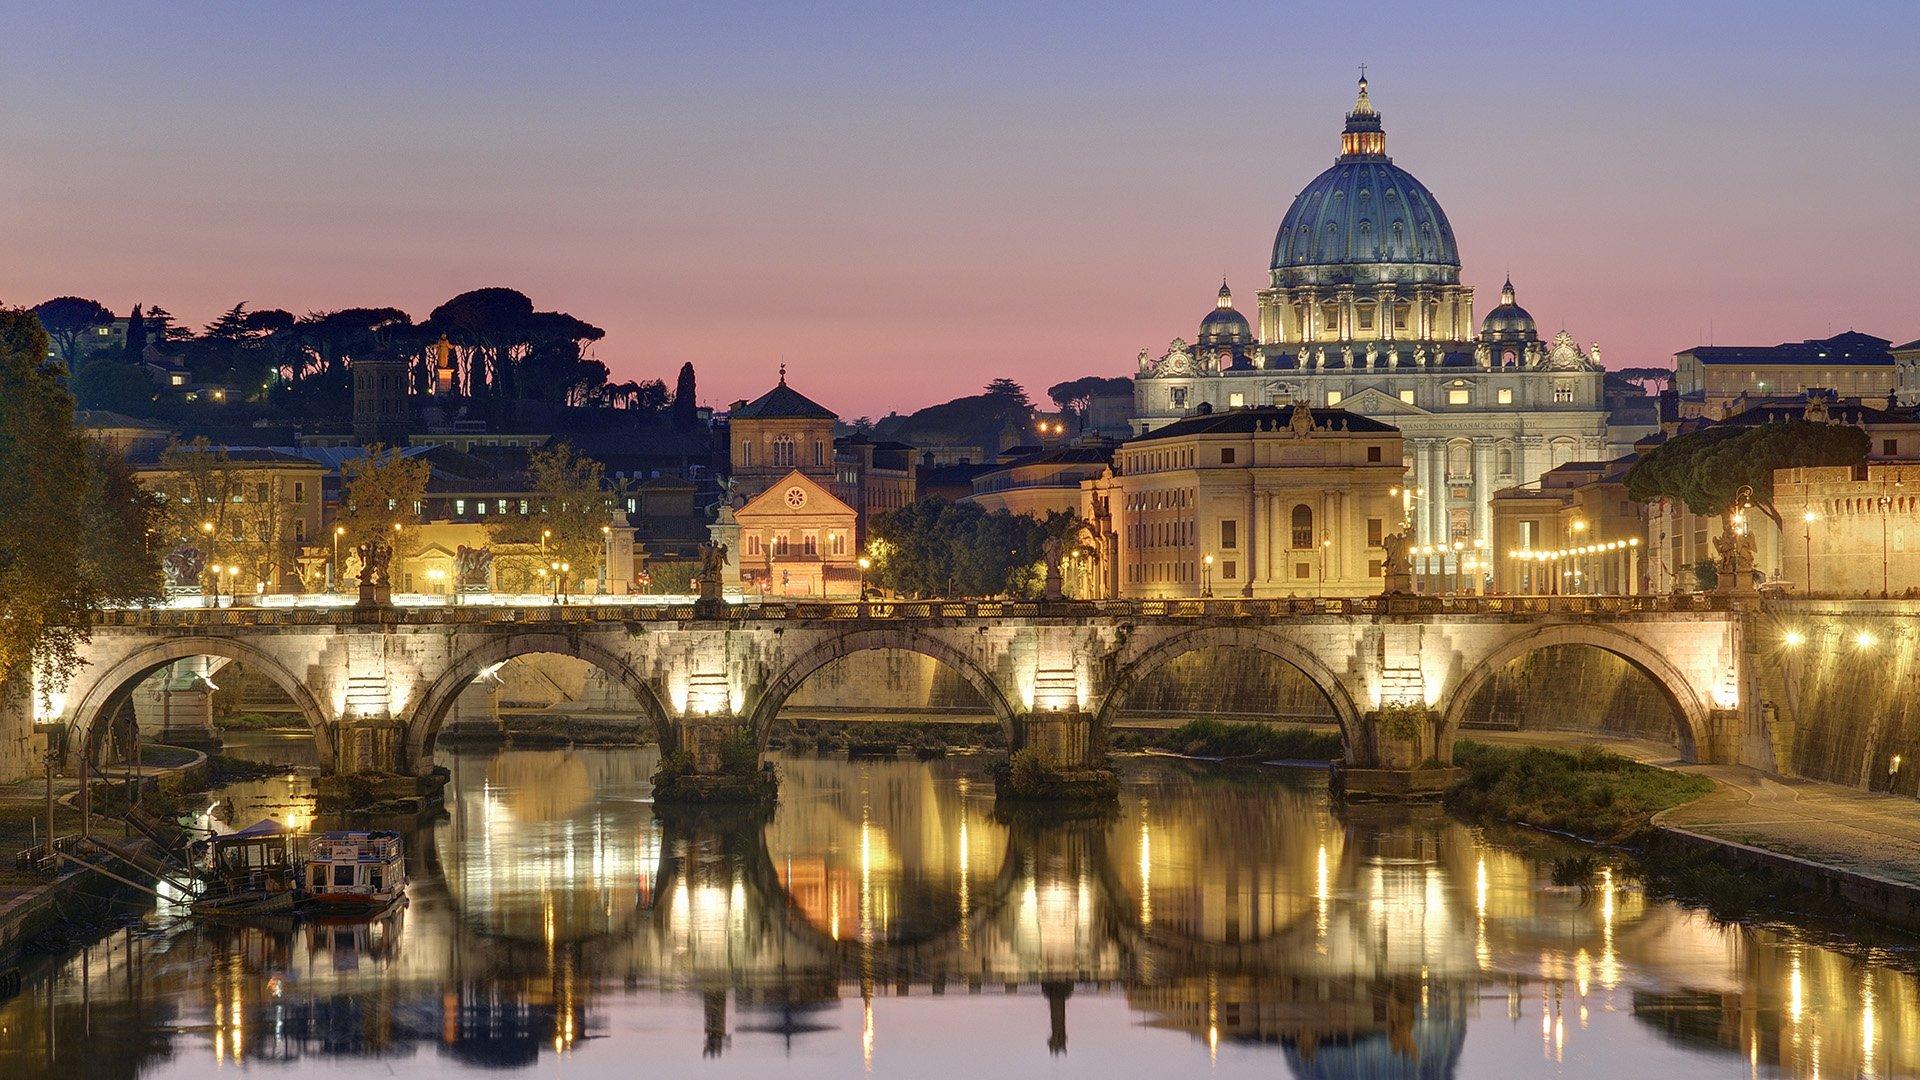 tlcharger fond decran rome - photo #17